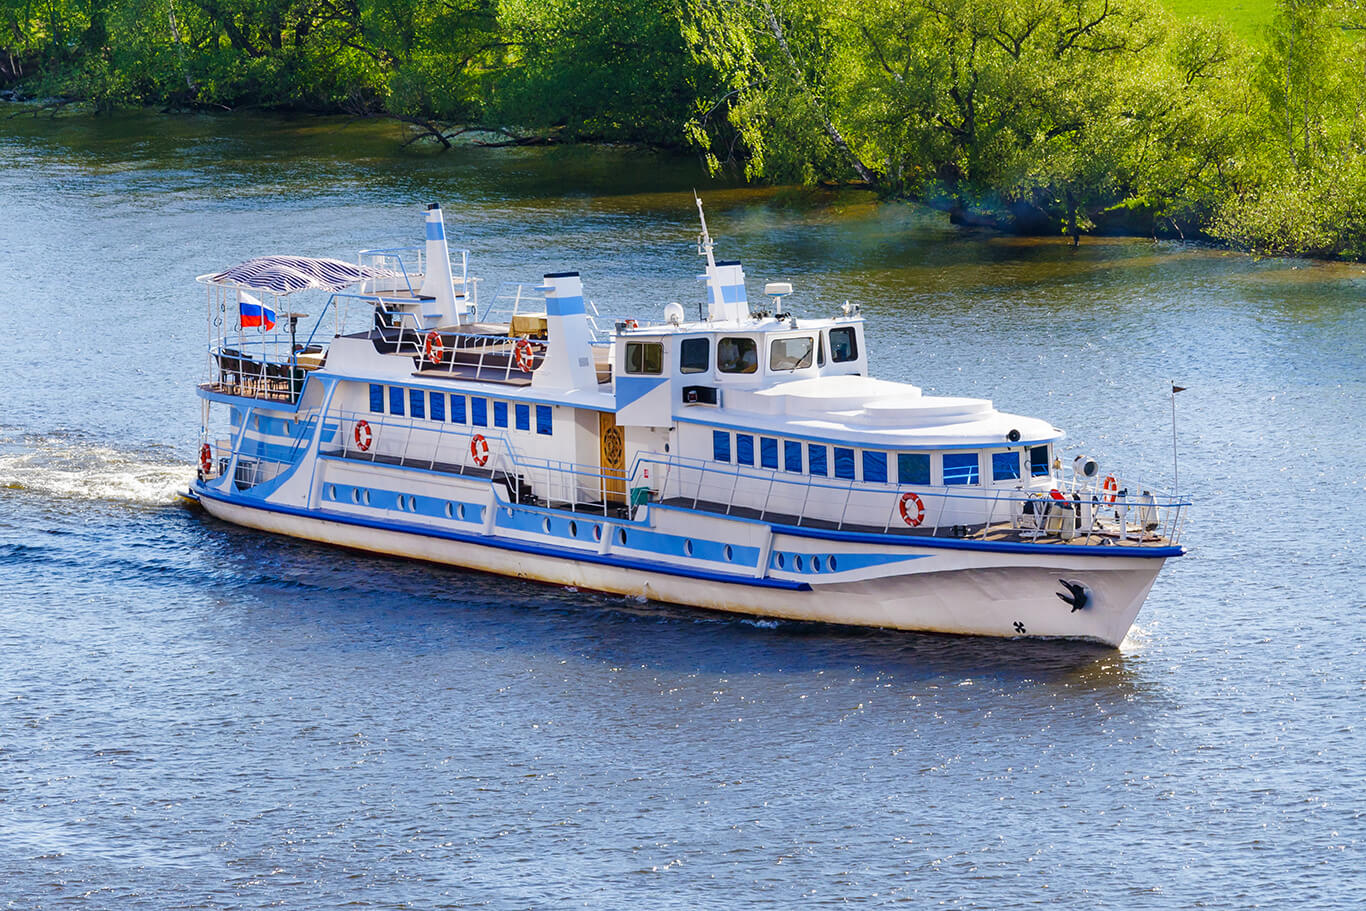 Flusskreuzfahrten - Jetzt günstig bei Travelscout24.de